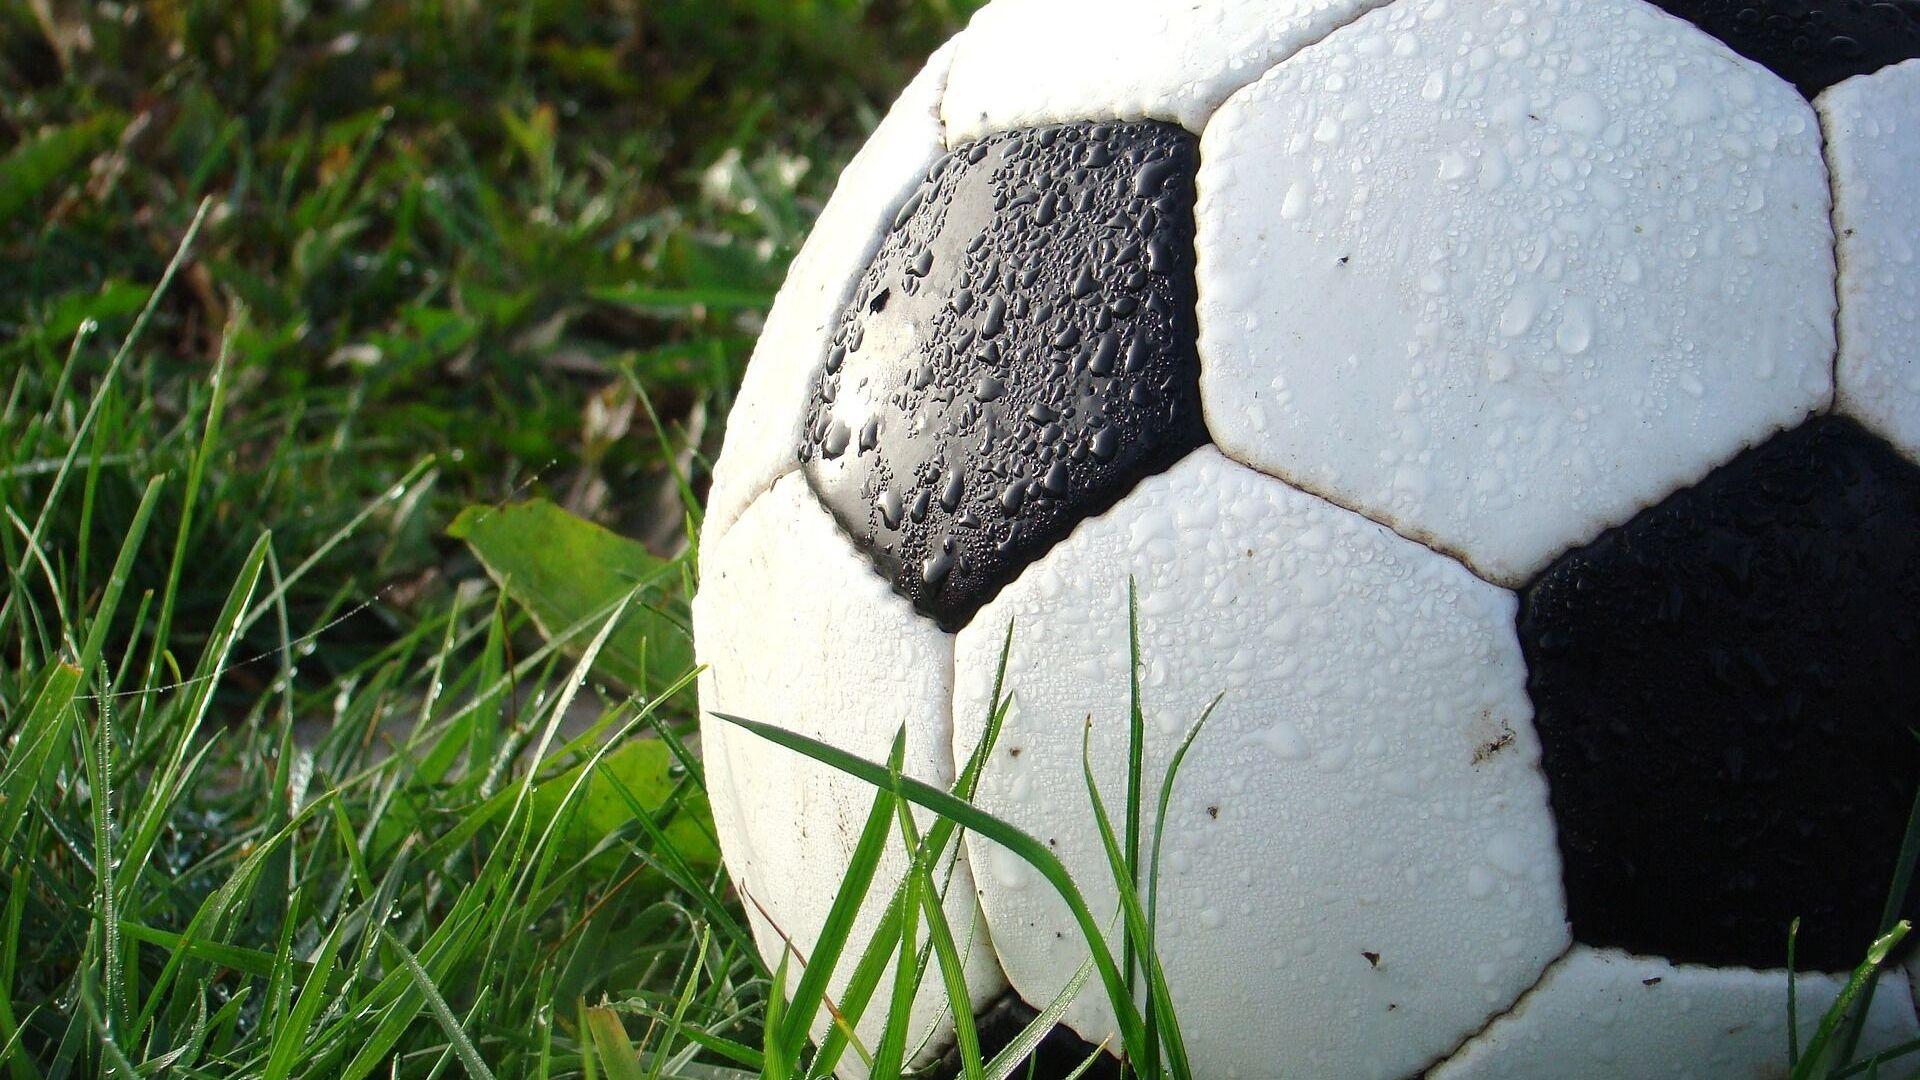 Un balón de fútbol  - Sputnik Mundo, 1920, 19.07.2021